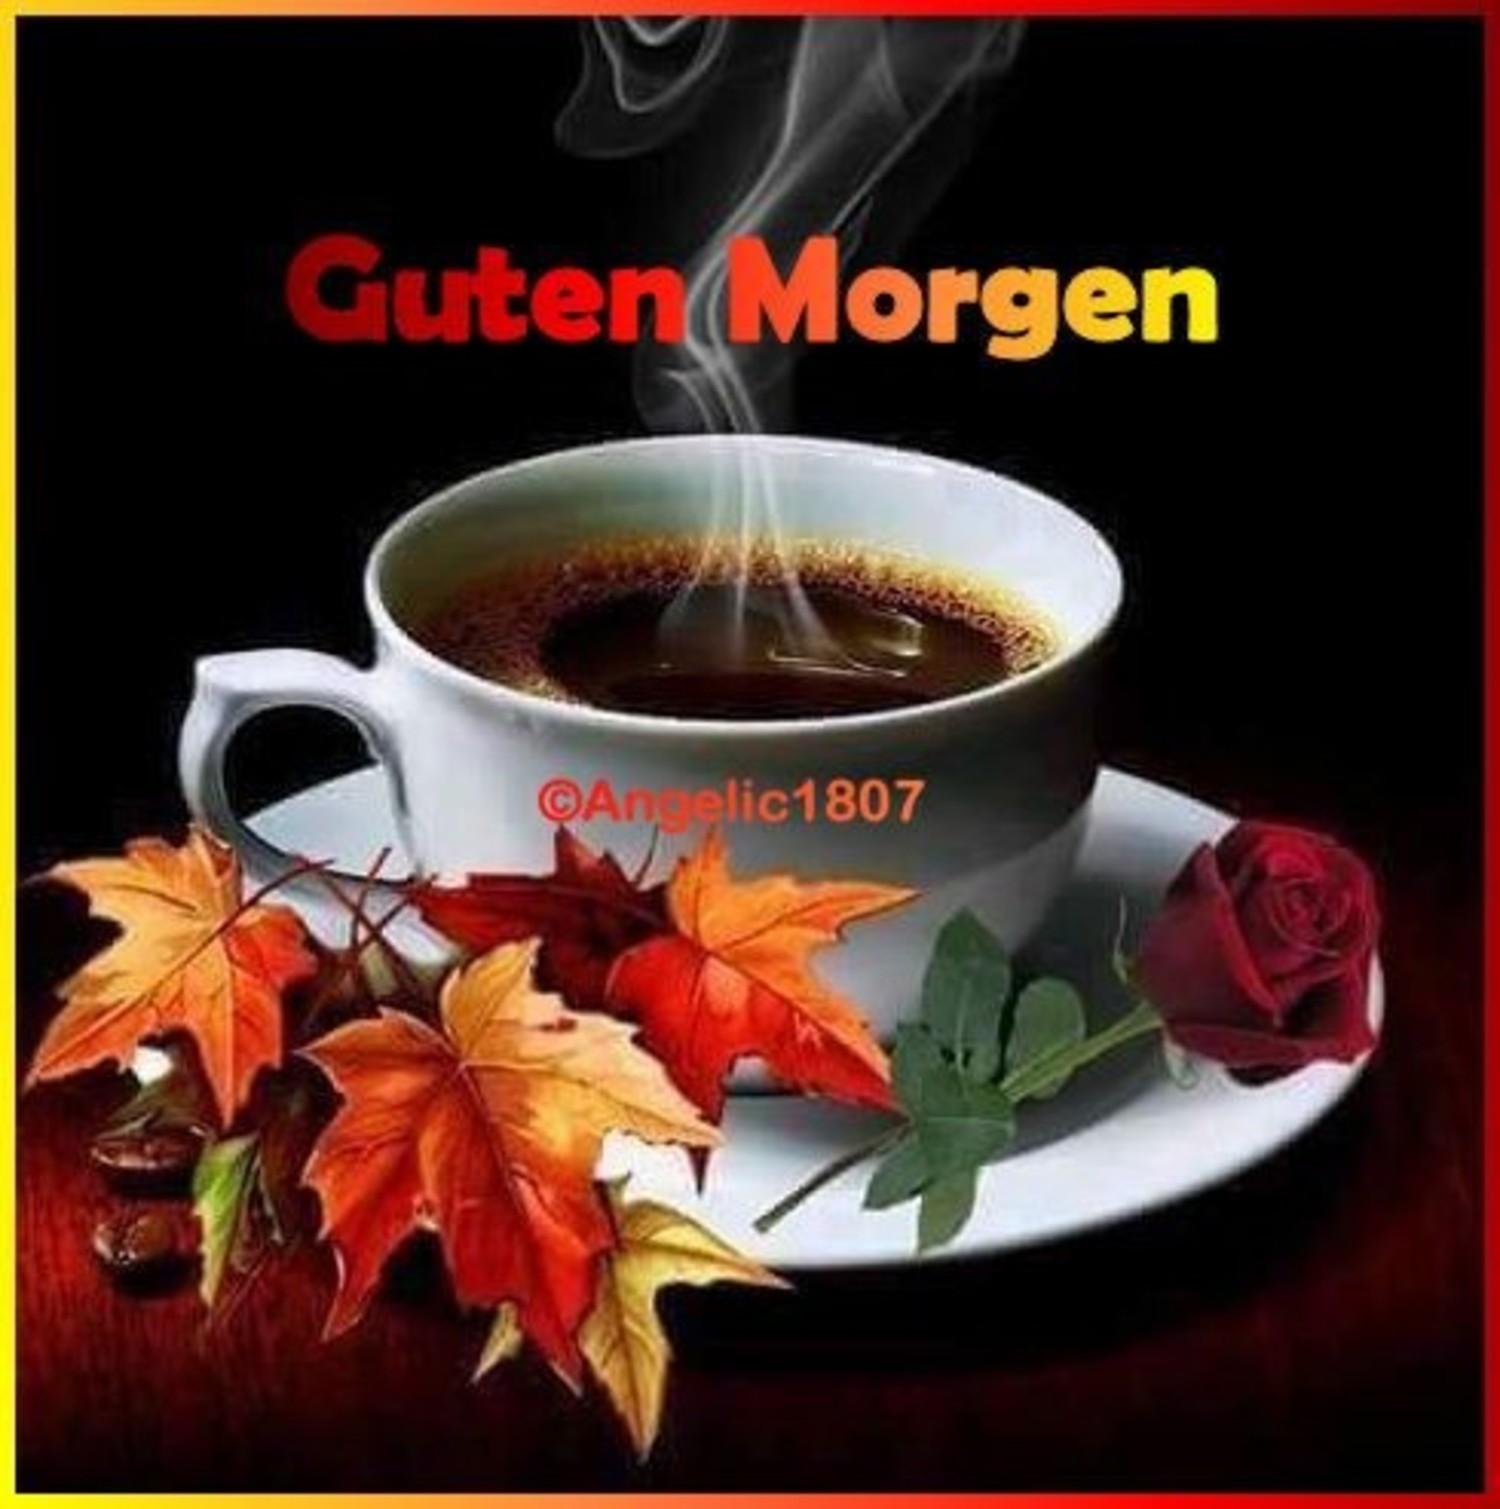 Guten Morgen Herbst Bilder 582 Gbpicsbildercom